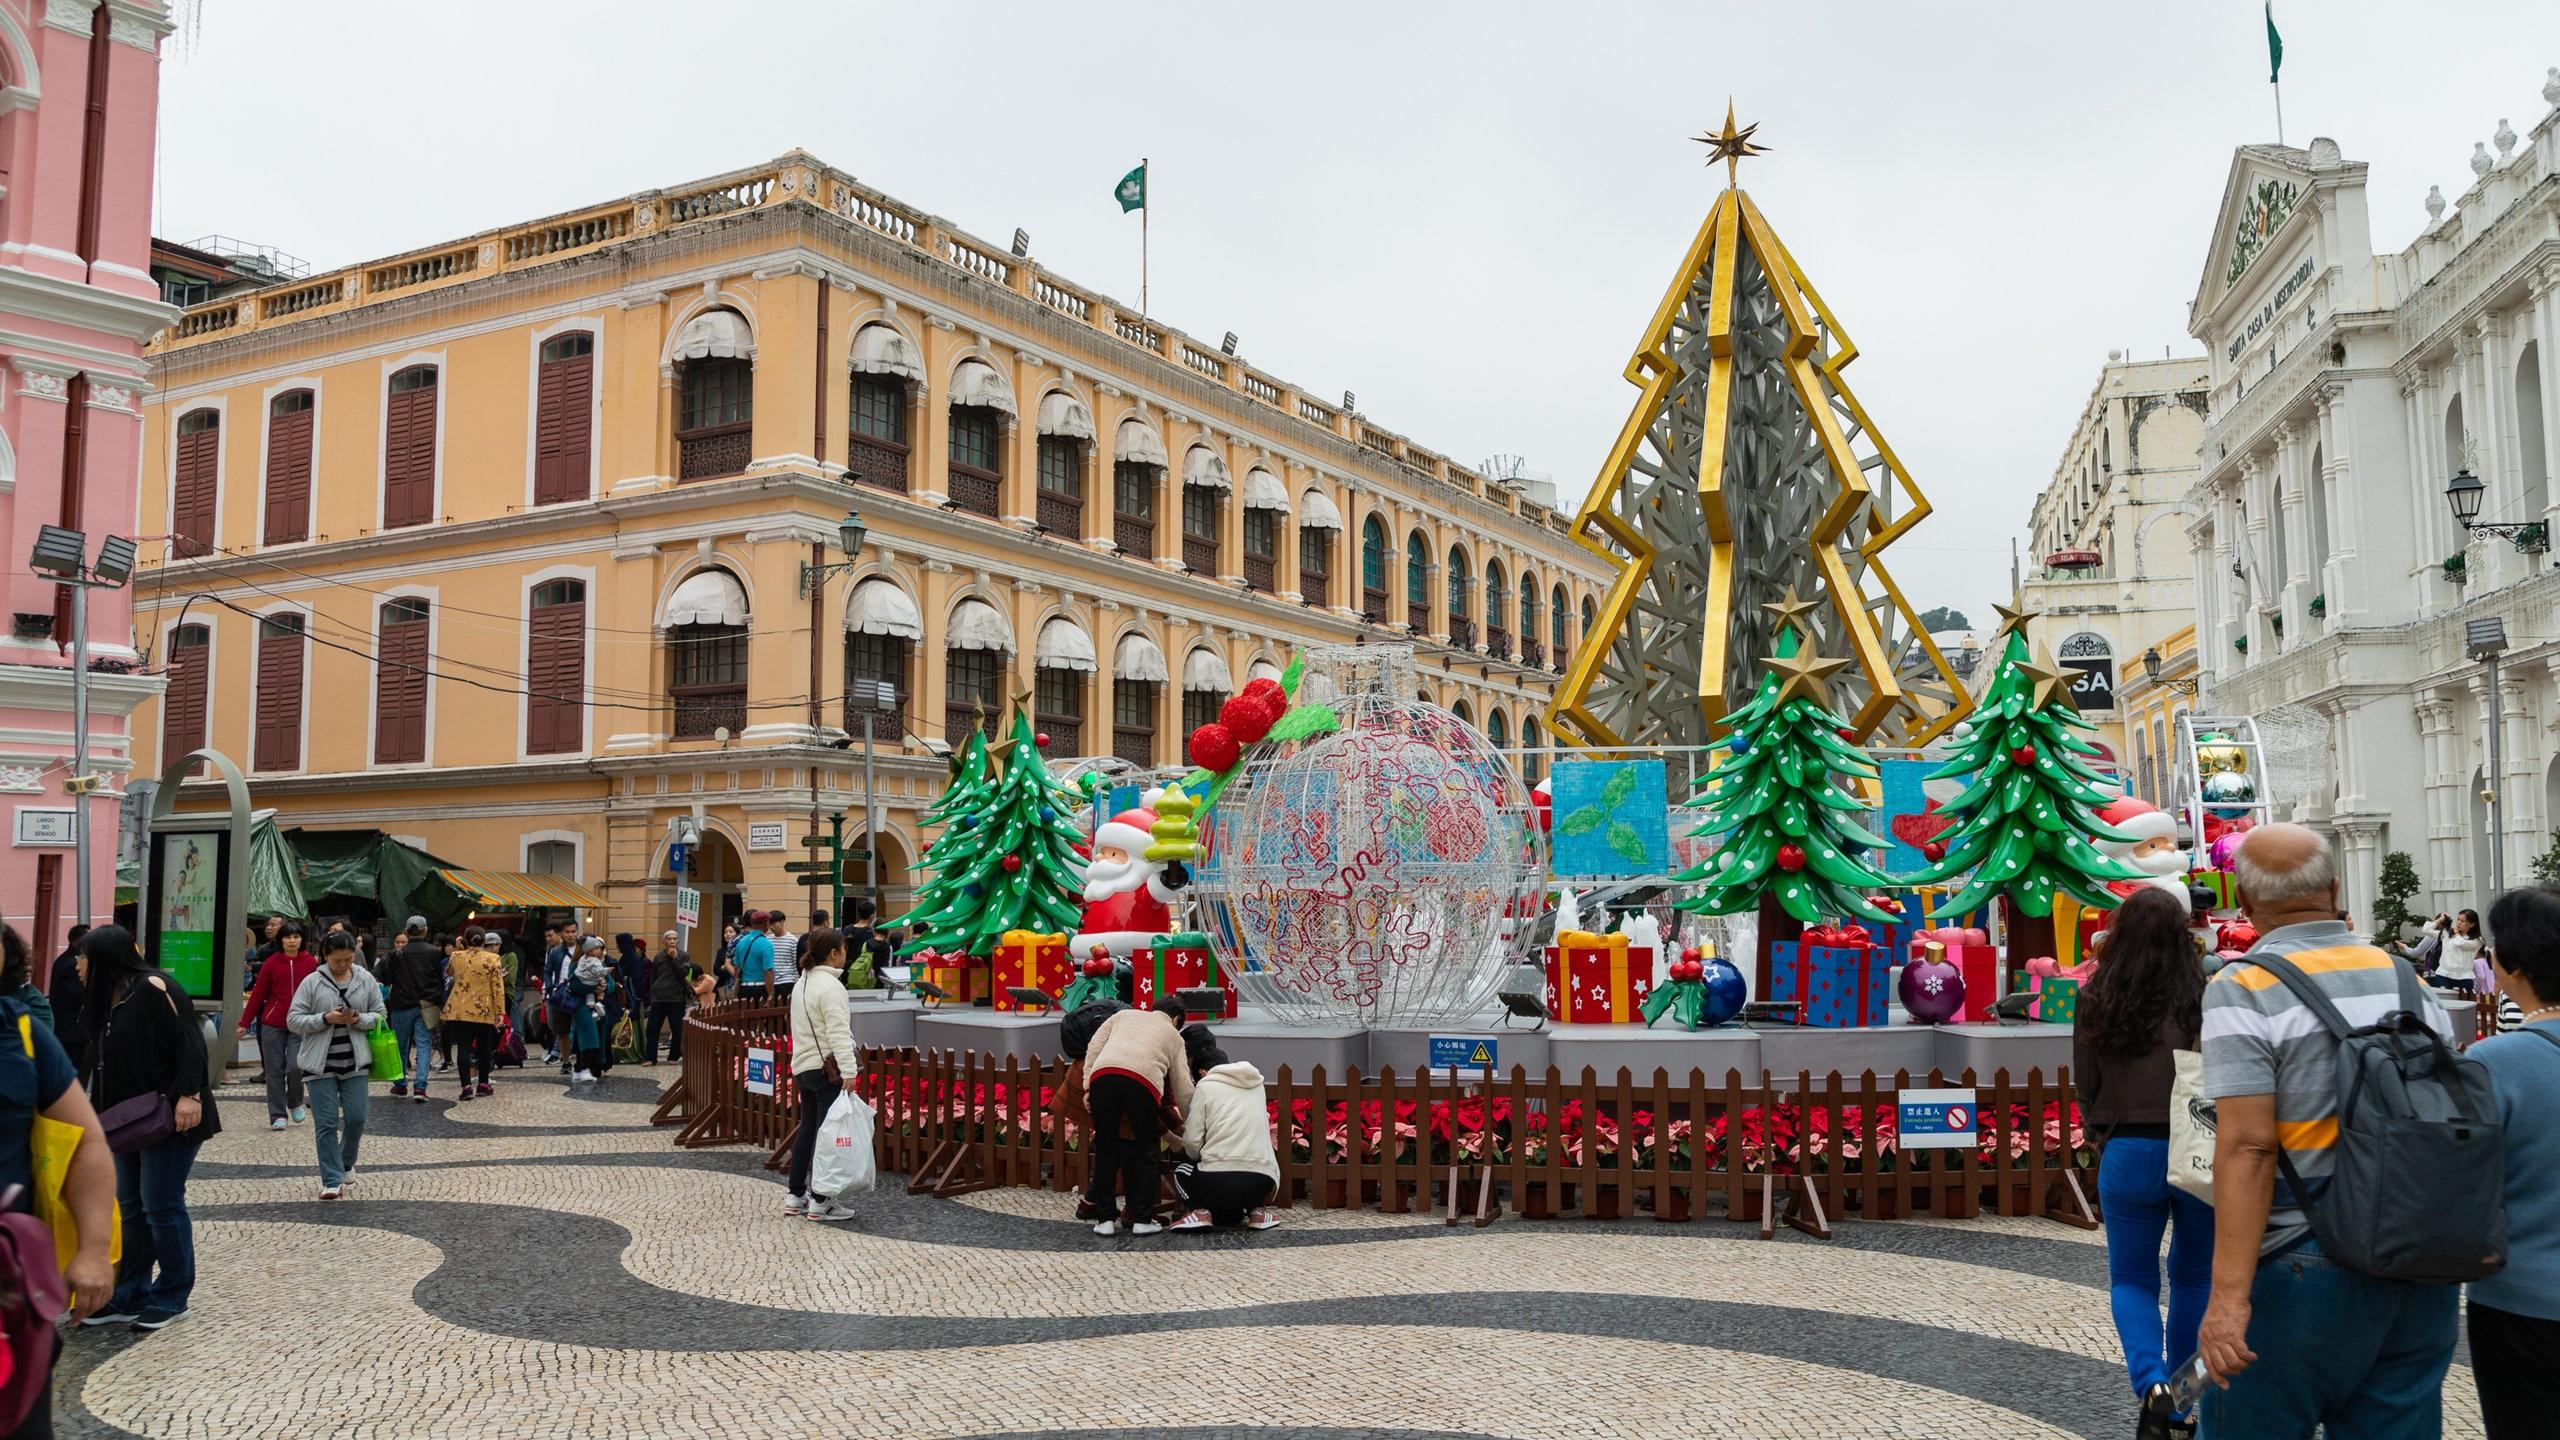 Anda dapat mengetahui sejarah dari Pusat Sejarah Macau dengan mampir ke Senado Square. Jelajahi pilihan hiburan dan kasino di area kaya budaya ini.